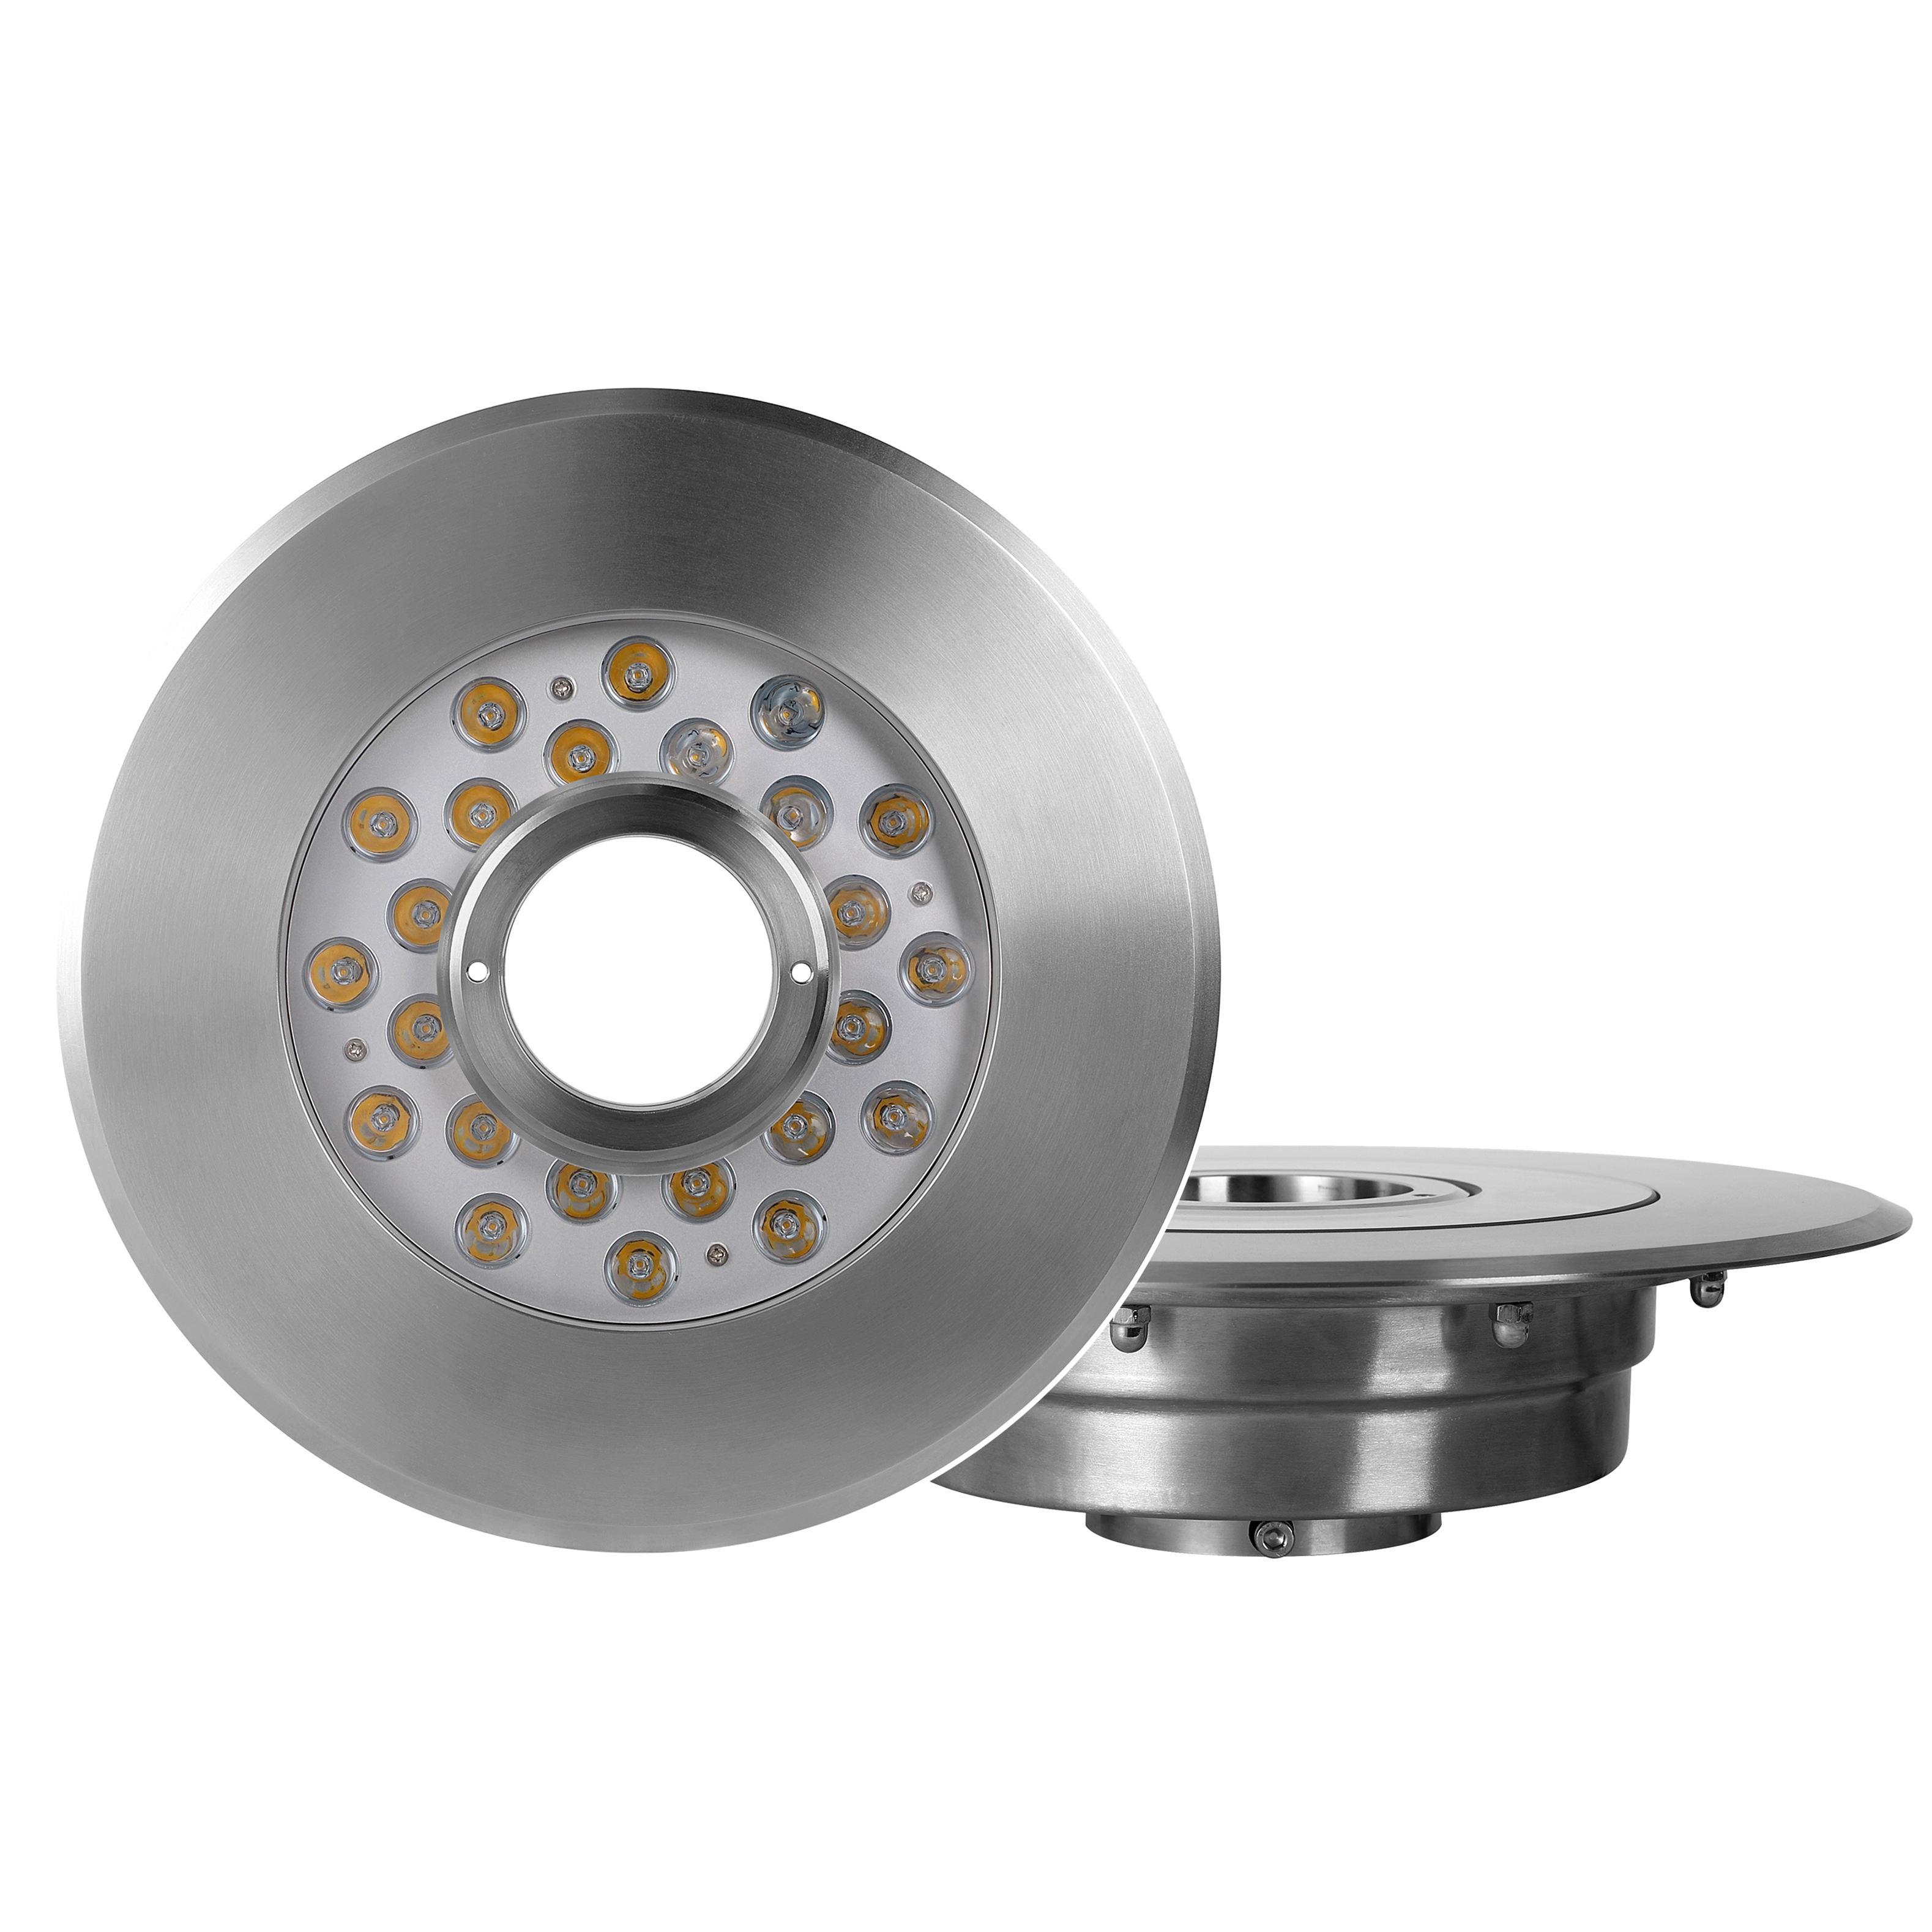 ウォータージェット噴水照明防水LED水中噴水プールライト